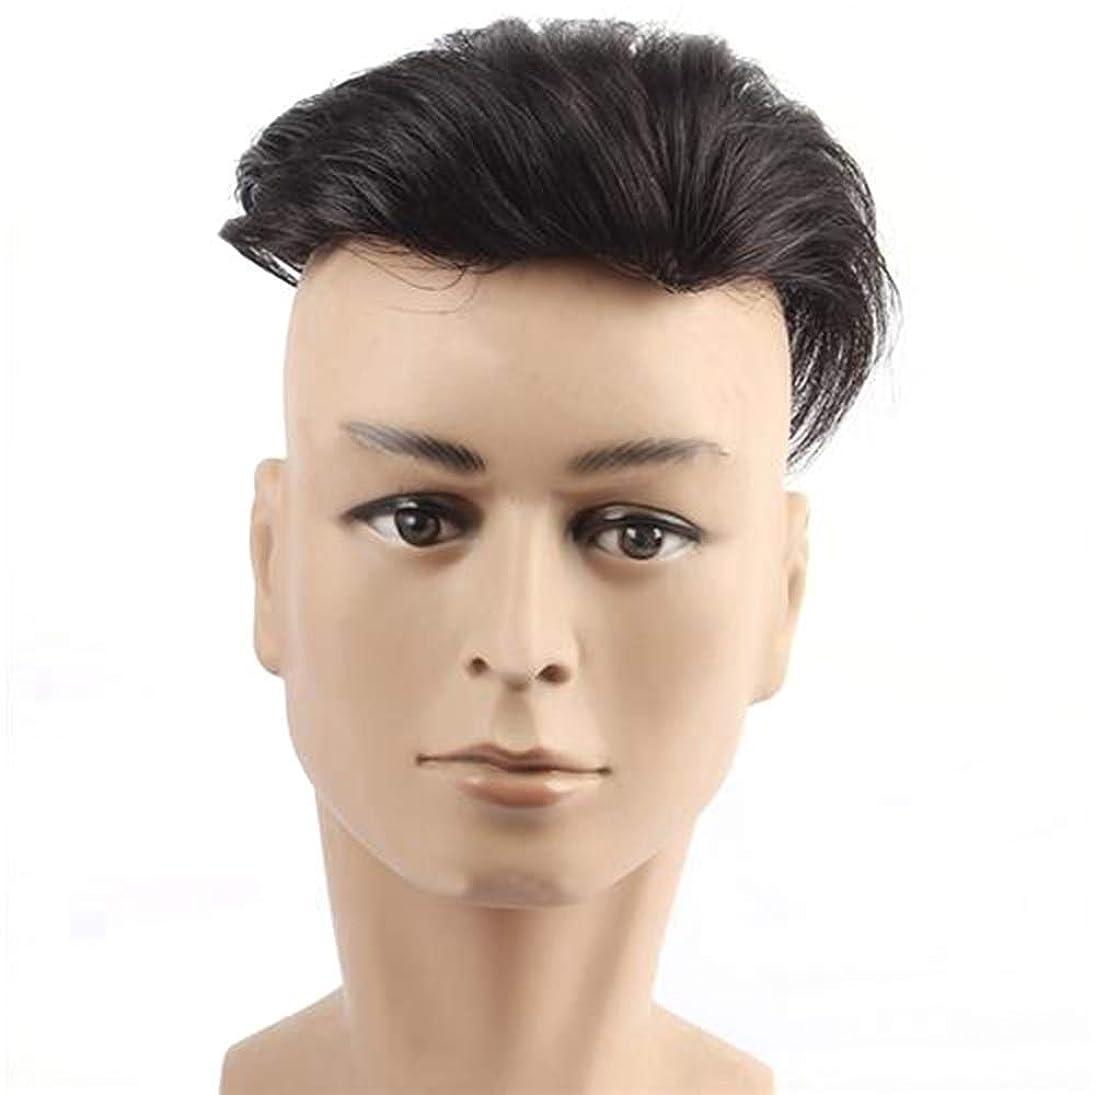 いろいろその結果脈拍Yrattary 男性のための短い本物の髪の拡張子でハンドニードルクリップハンサムな手織かつらファッションかつら (Color : Natural black, サイズ : 18x20)